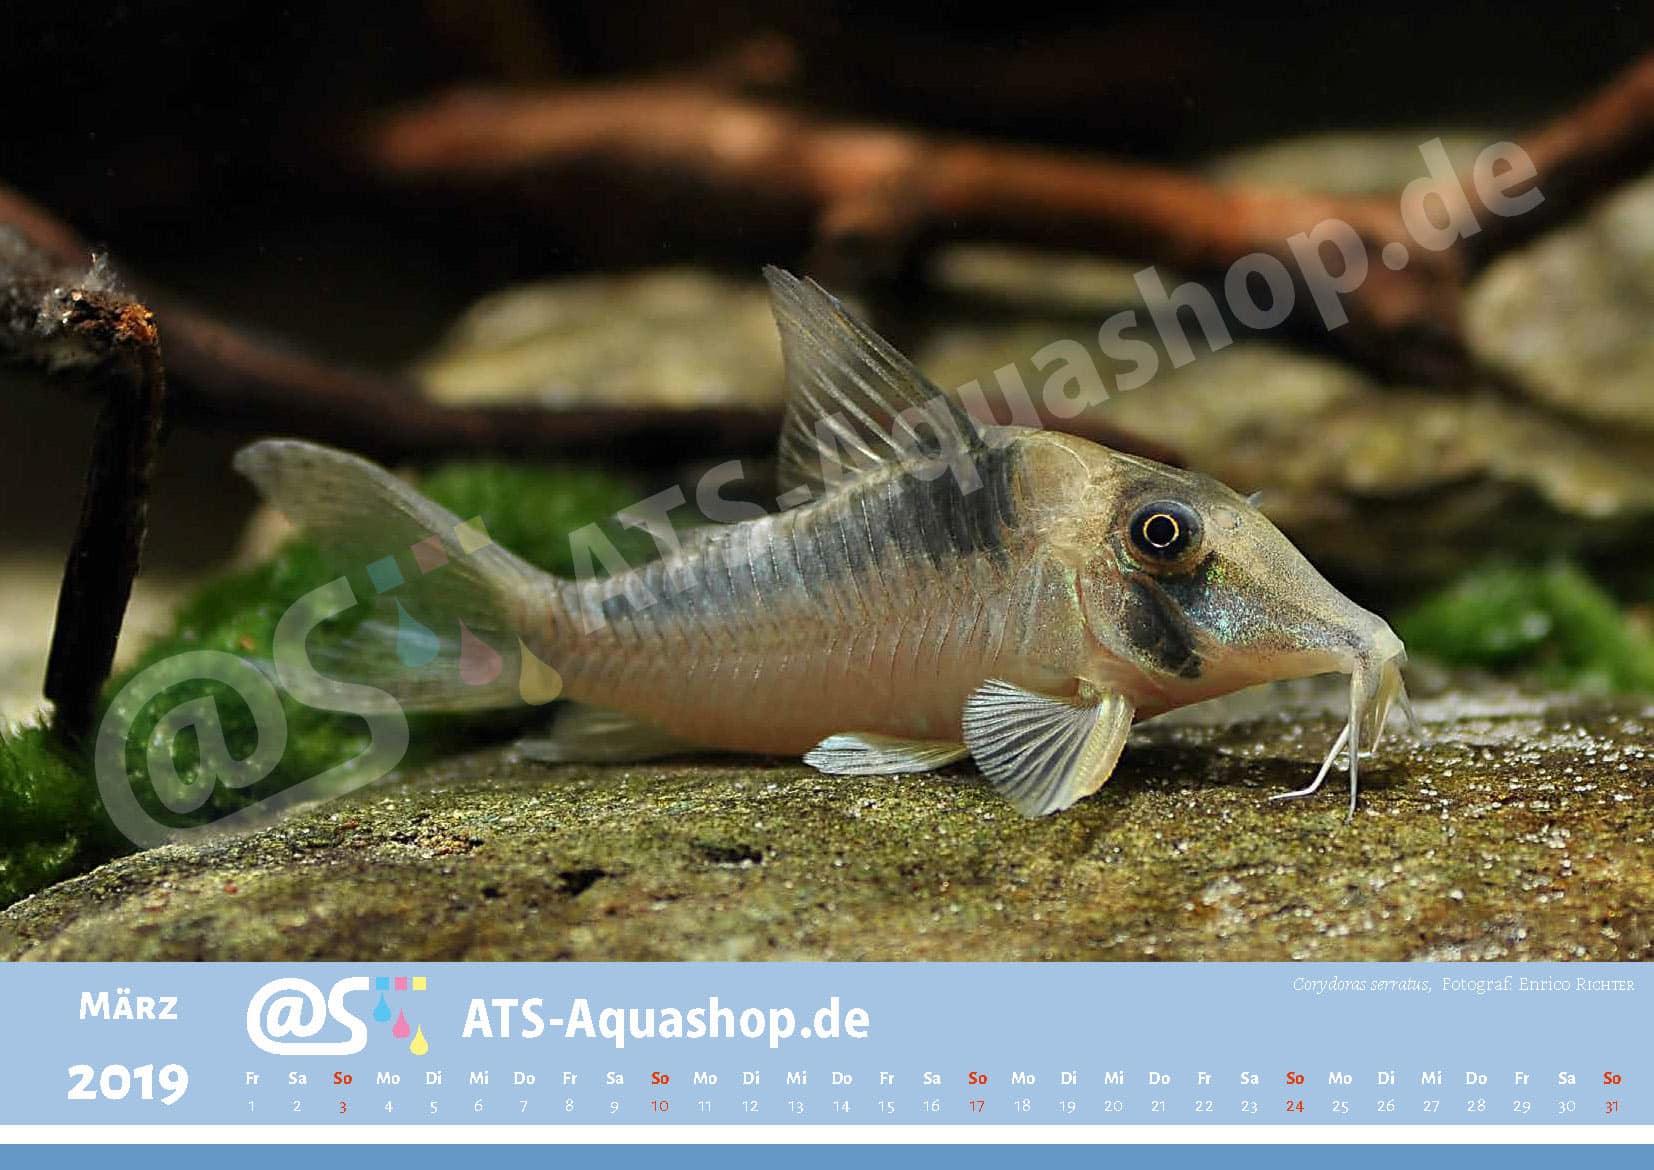 Photo calendar 2019 DIN A3: Corydoras serratus